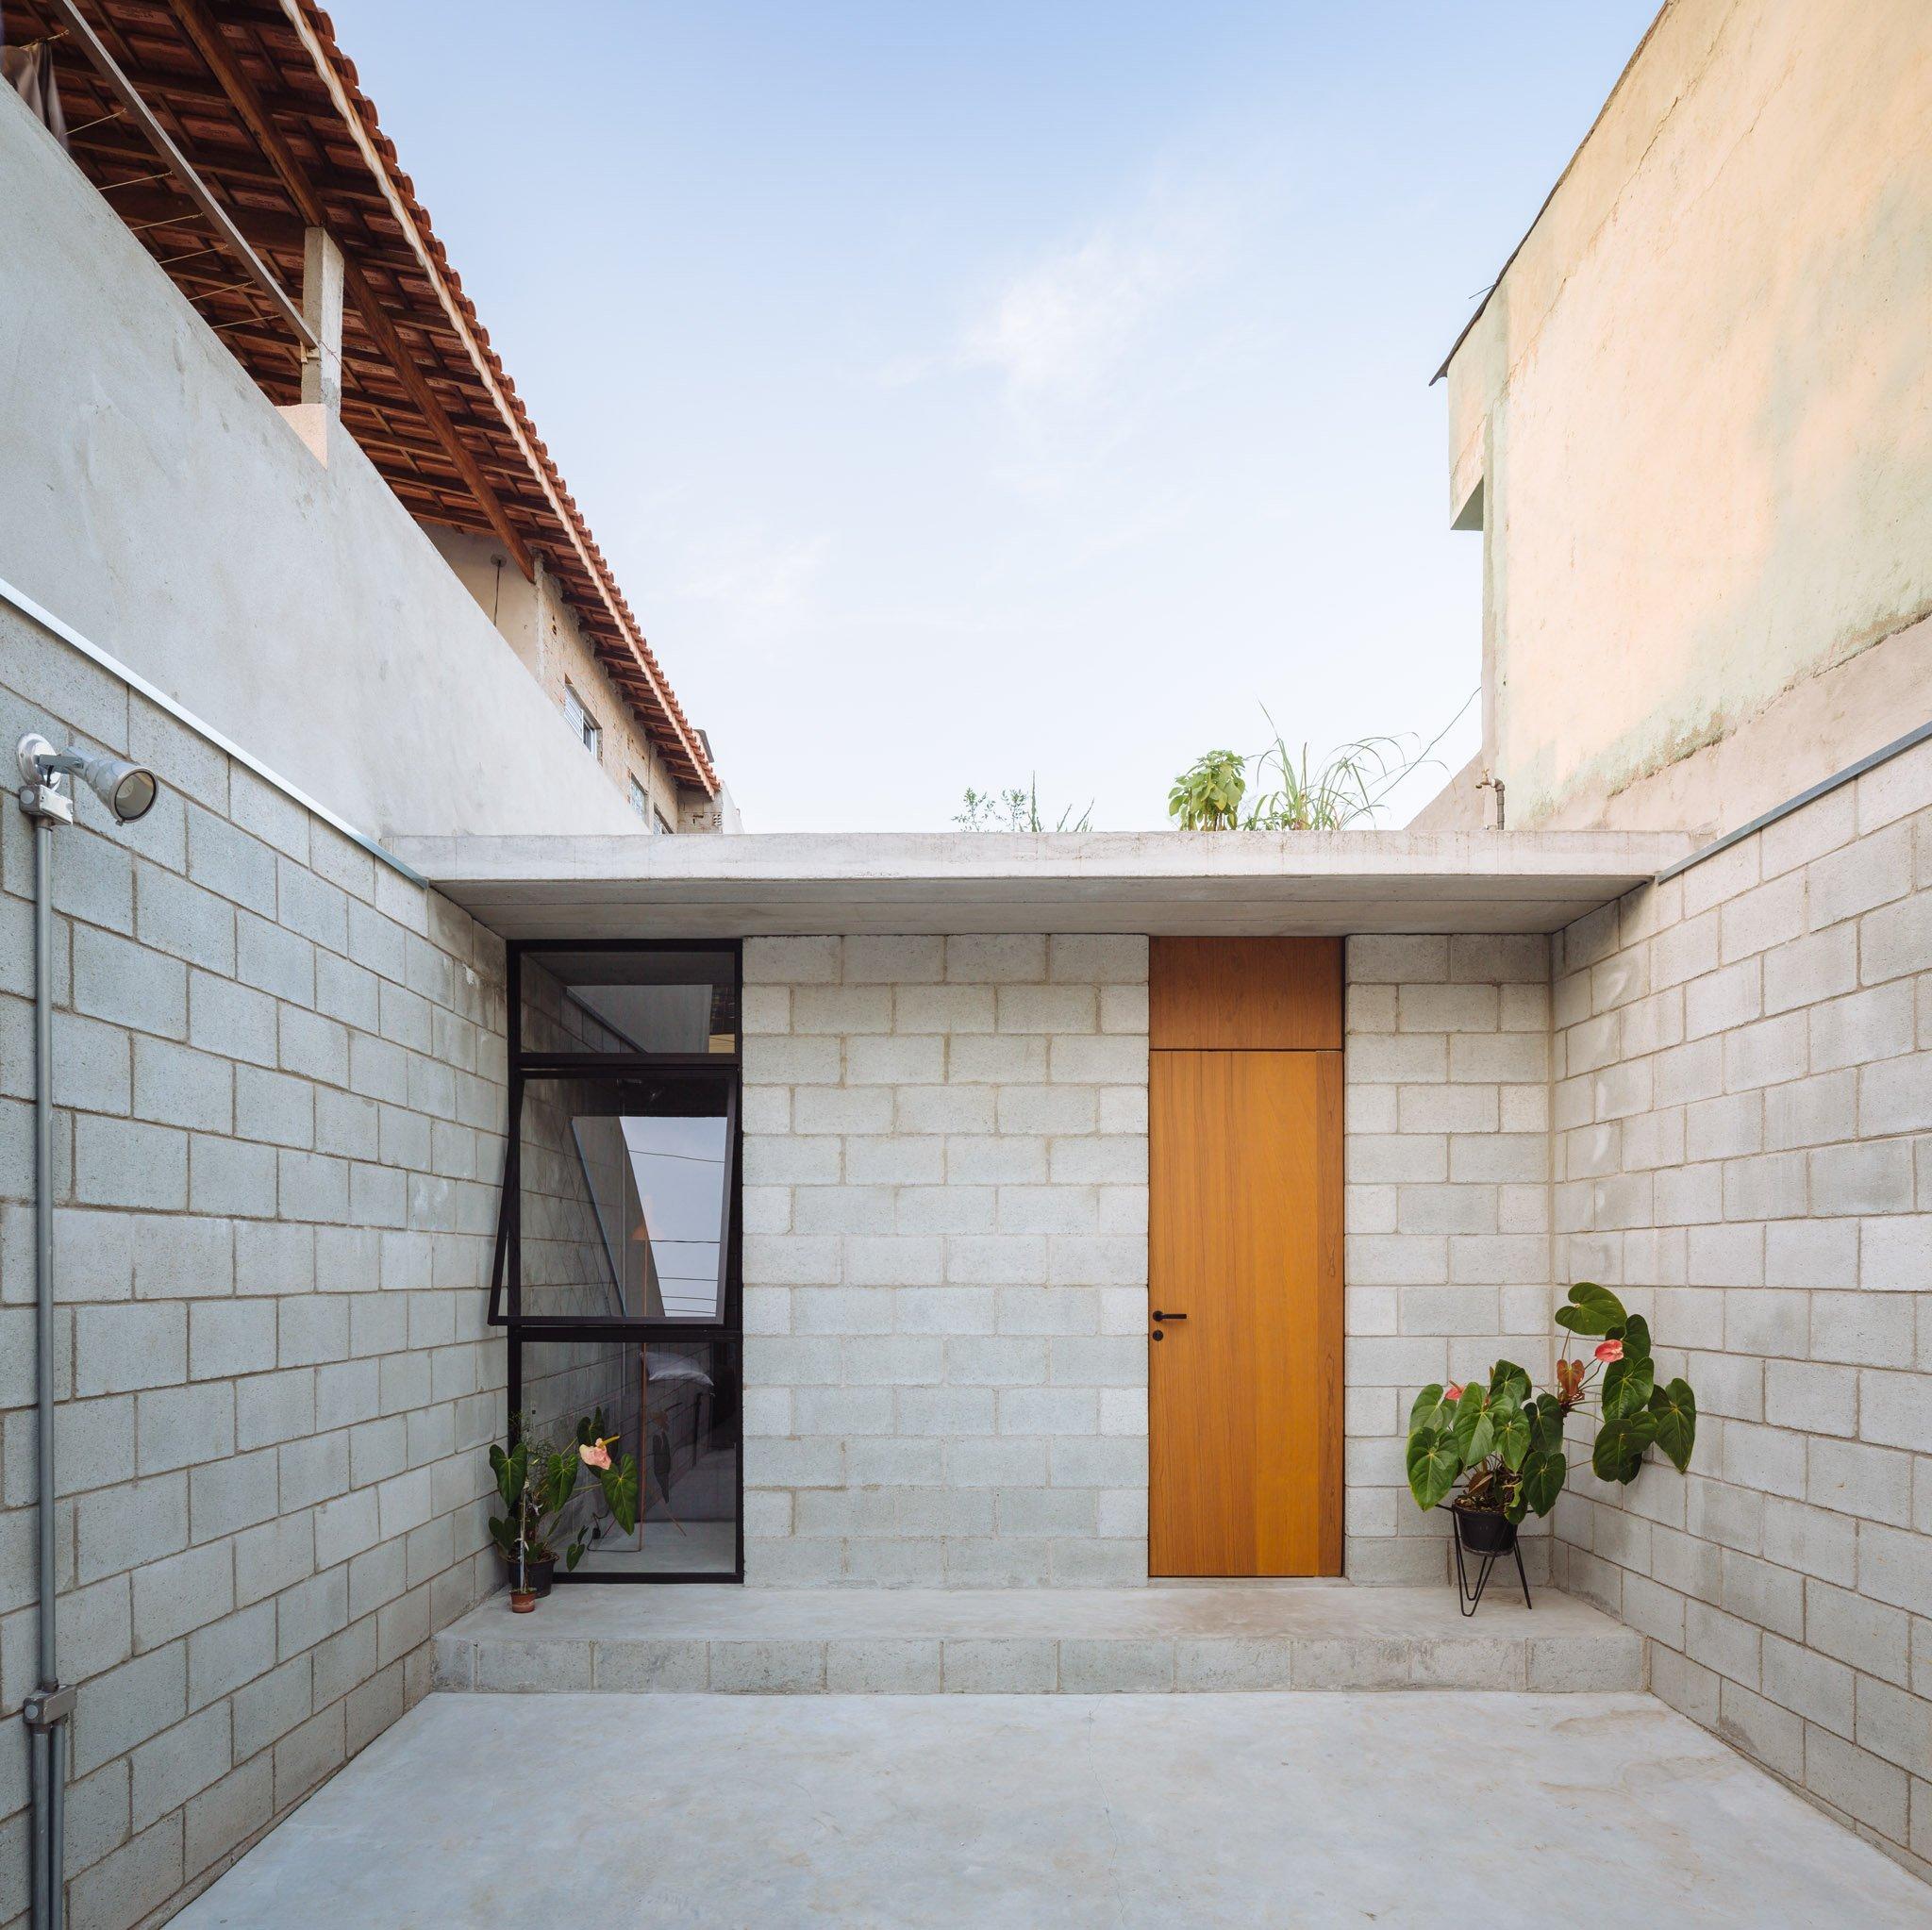 Empleada dom stica gan premio internacional de arquitectura for Aprire le planimetrie con una vista